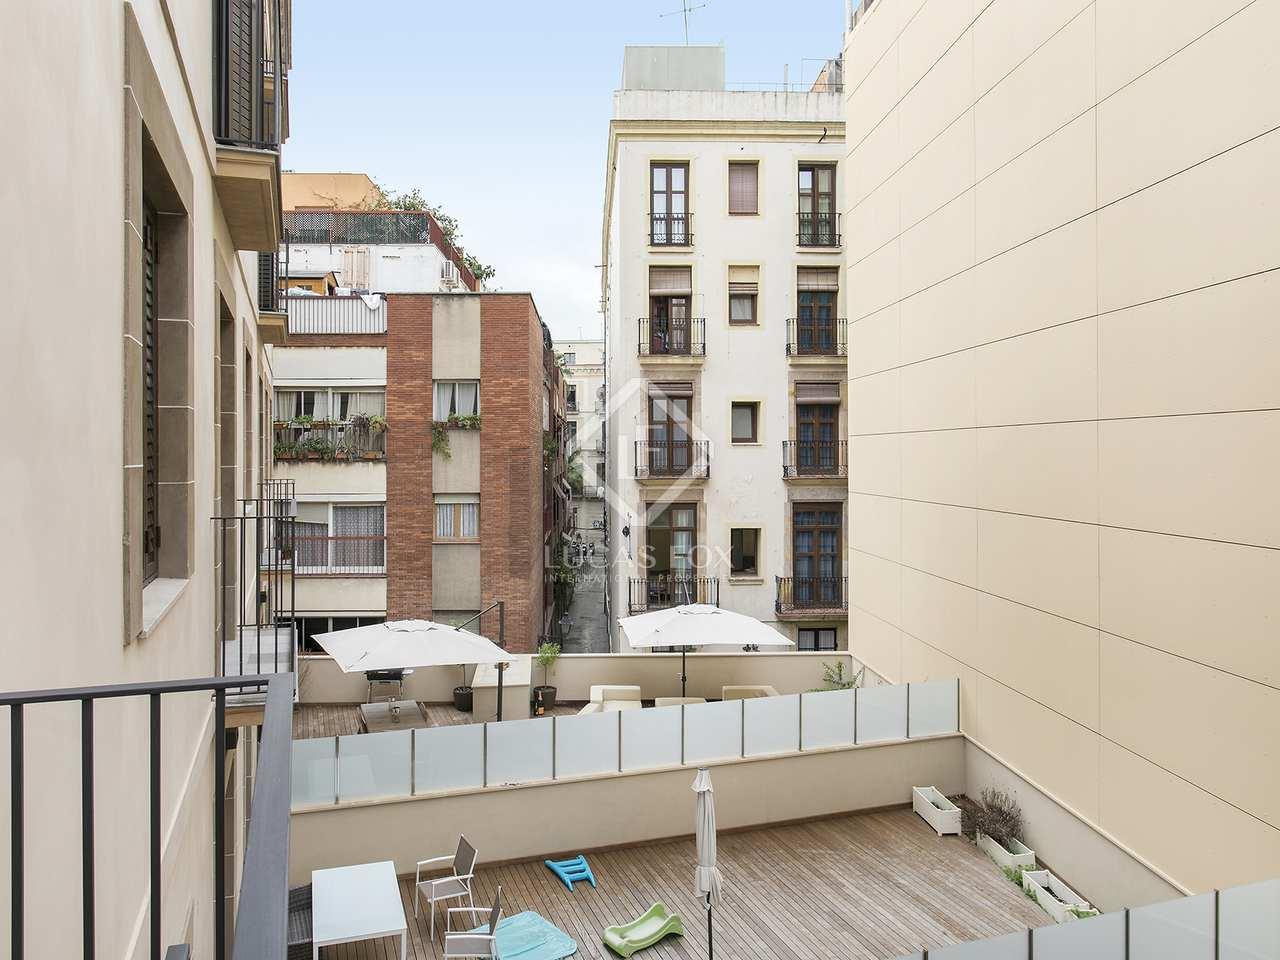 Appartement de 45m a louer g tico barcelone for Appartement a louer a barcelone avec piscine